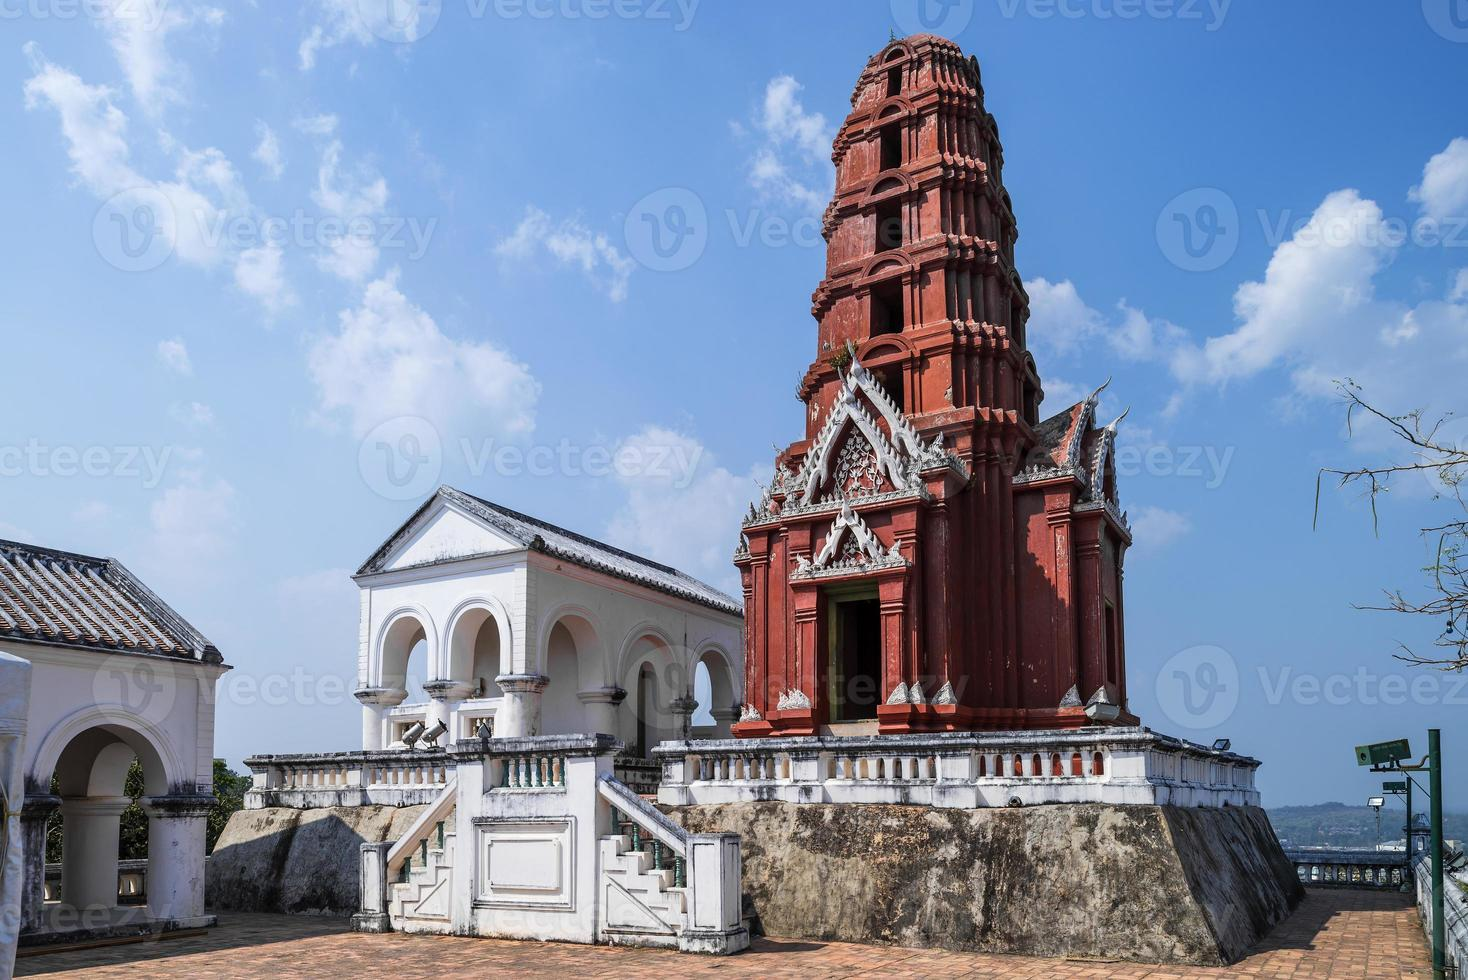 antiguo palacio del rey tailandés en la provincia de phetchaburi, tailandia foto